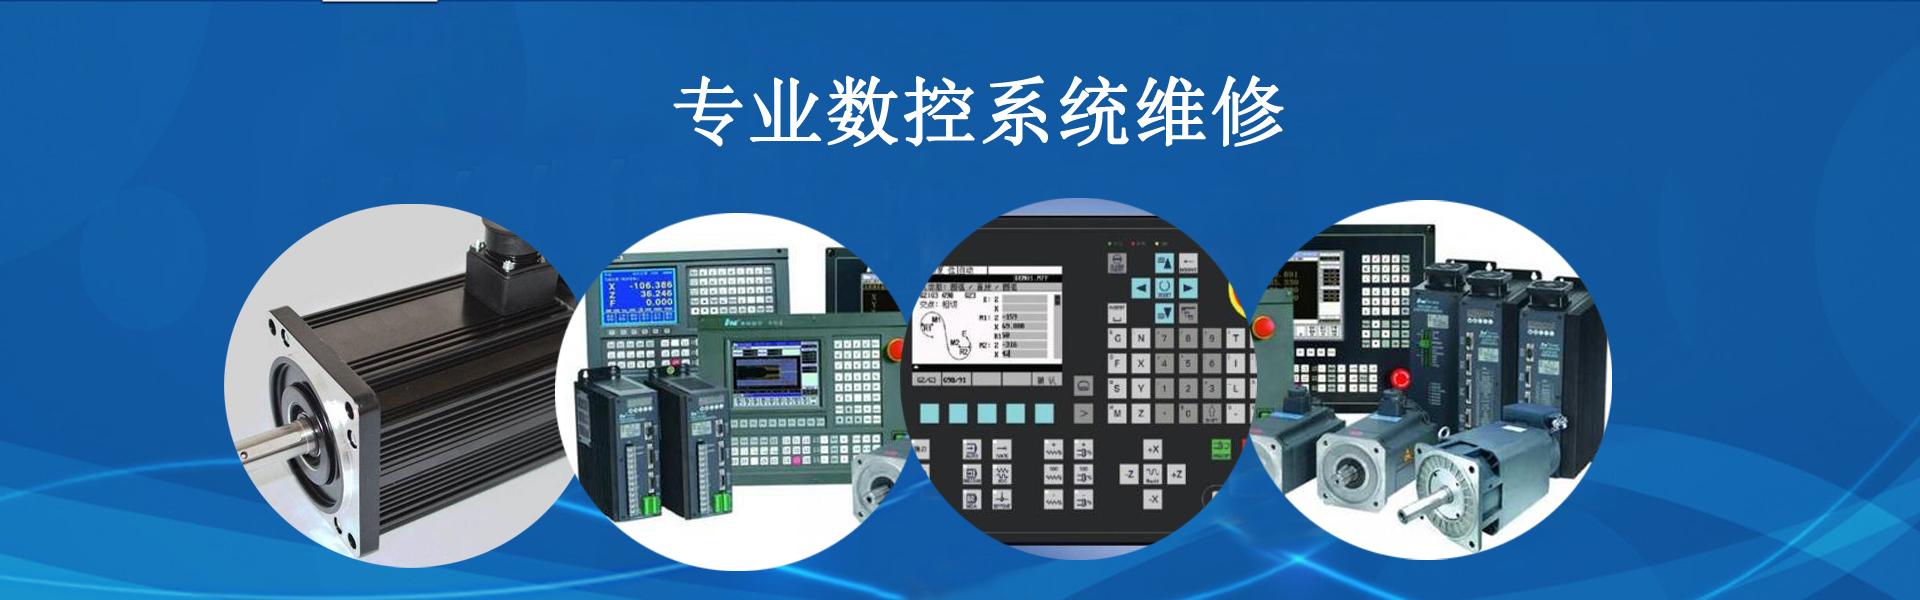 专业数控系统维修